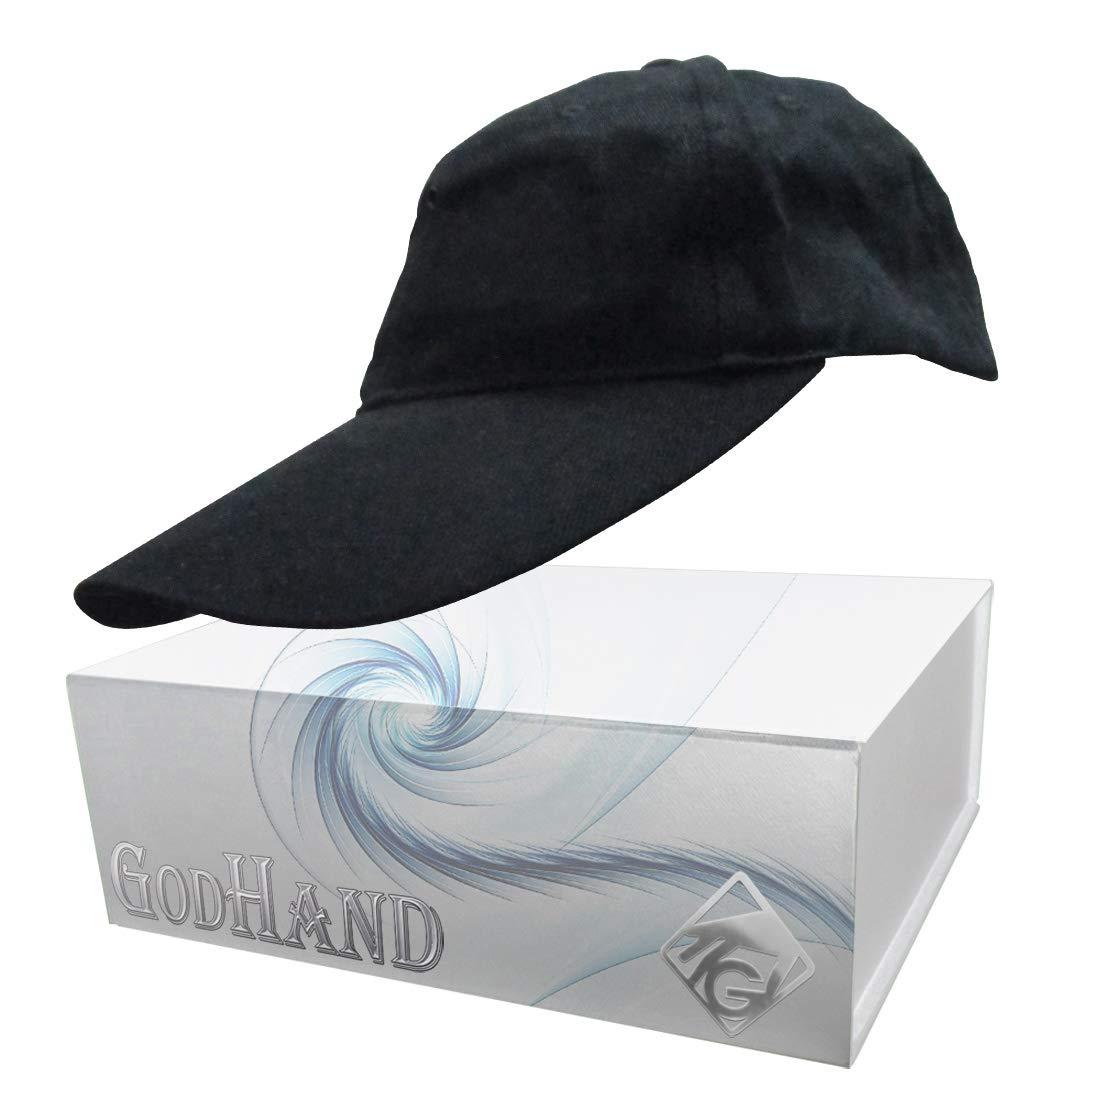 【期間限定】 【GOD HAND Bluetooth接続】 B07JHBNL8T 帽子で撮る撮影する帽子型カメラ!【GOD! GD-CP59 キャップ型ビデオカメラ 動画/ビデオ録画 リモコン遠隔操作 Bluetooth接続 撮影開始/停止 振動通知!!【KANTO-SEIKO 正規保証書付き】 B07JHBNL8T, marquee:0ea82a84 --- staging.aidandore.com